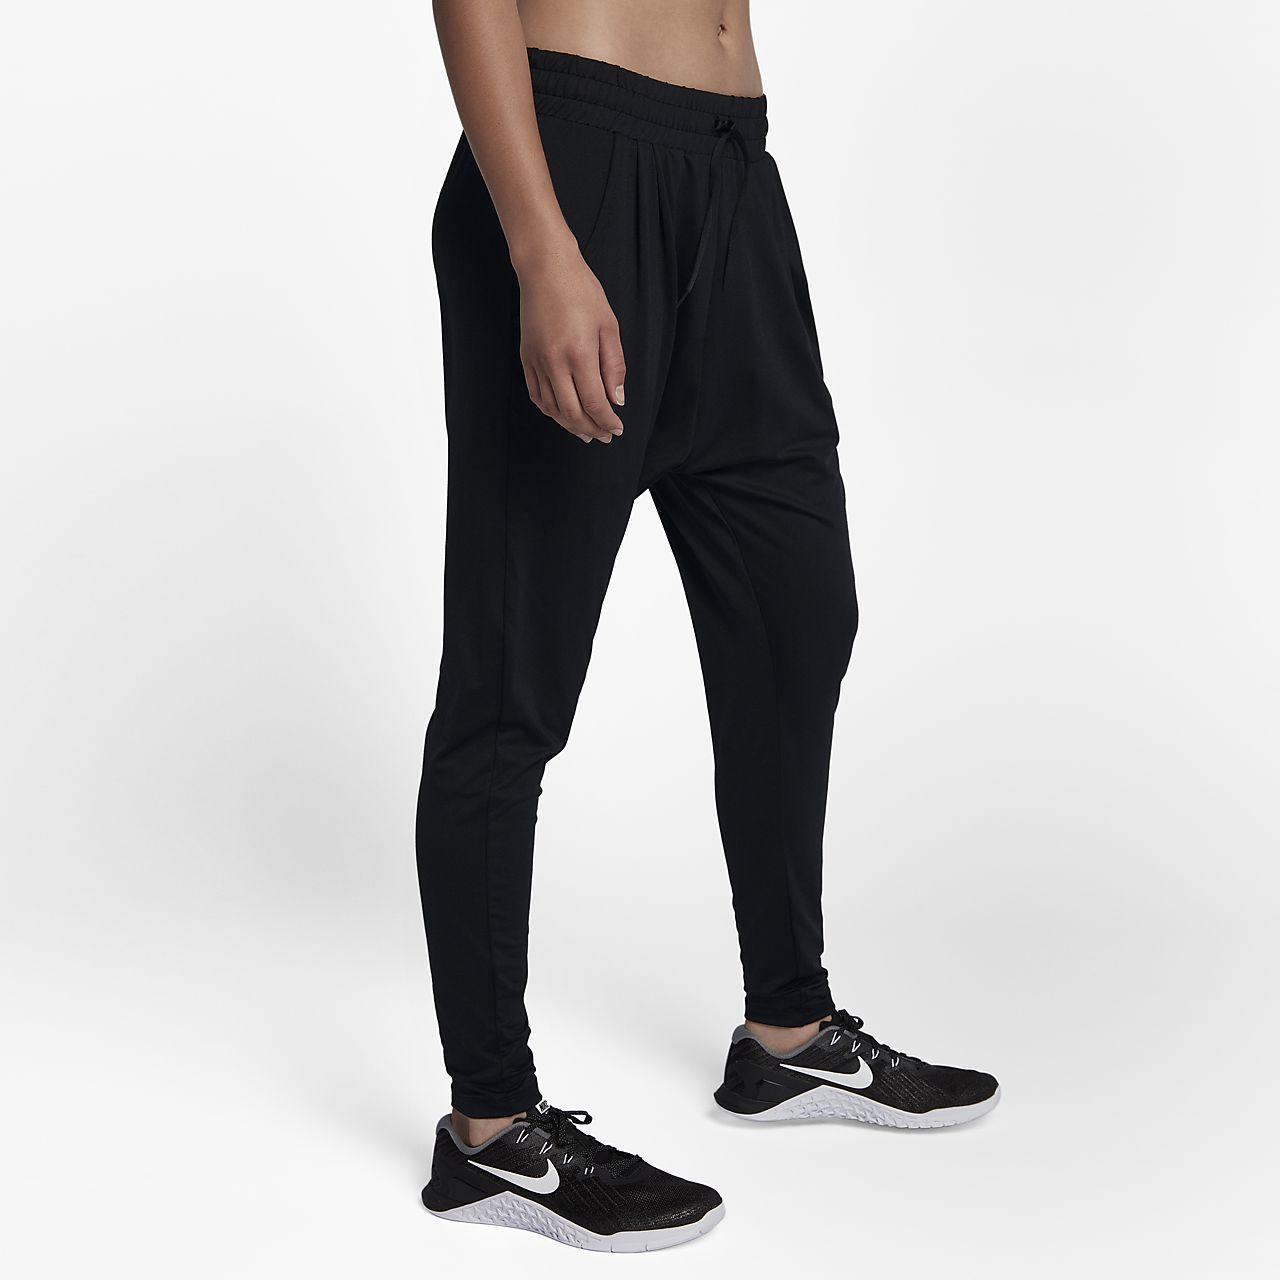 113e6ceceaf ... Nike Dri-FIT Lux Flow-træningsbukser med mellemhøj talje til kvinder